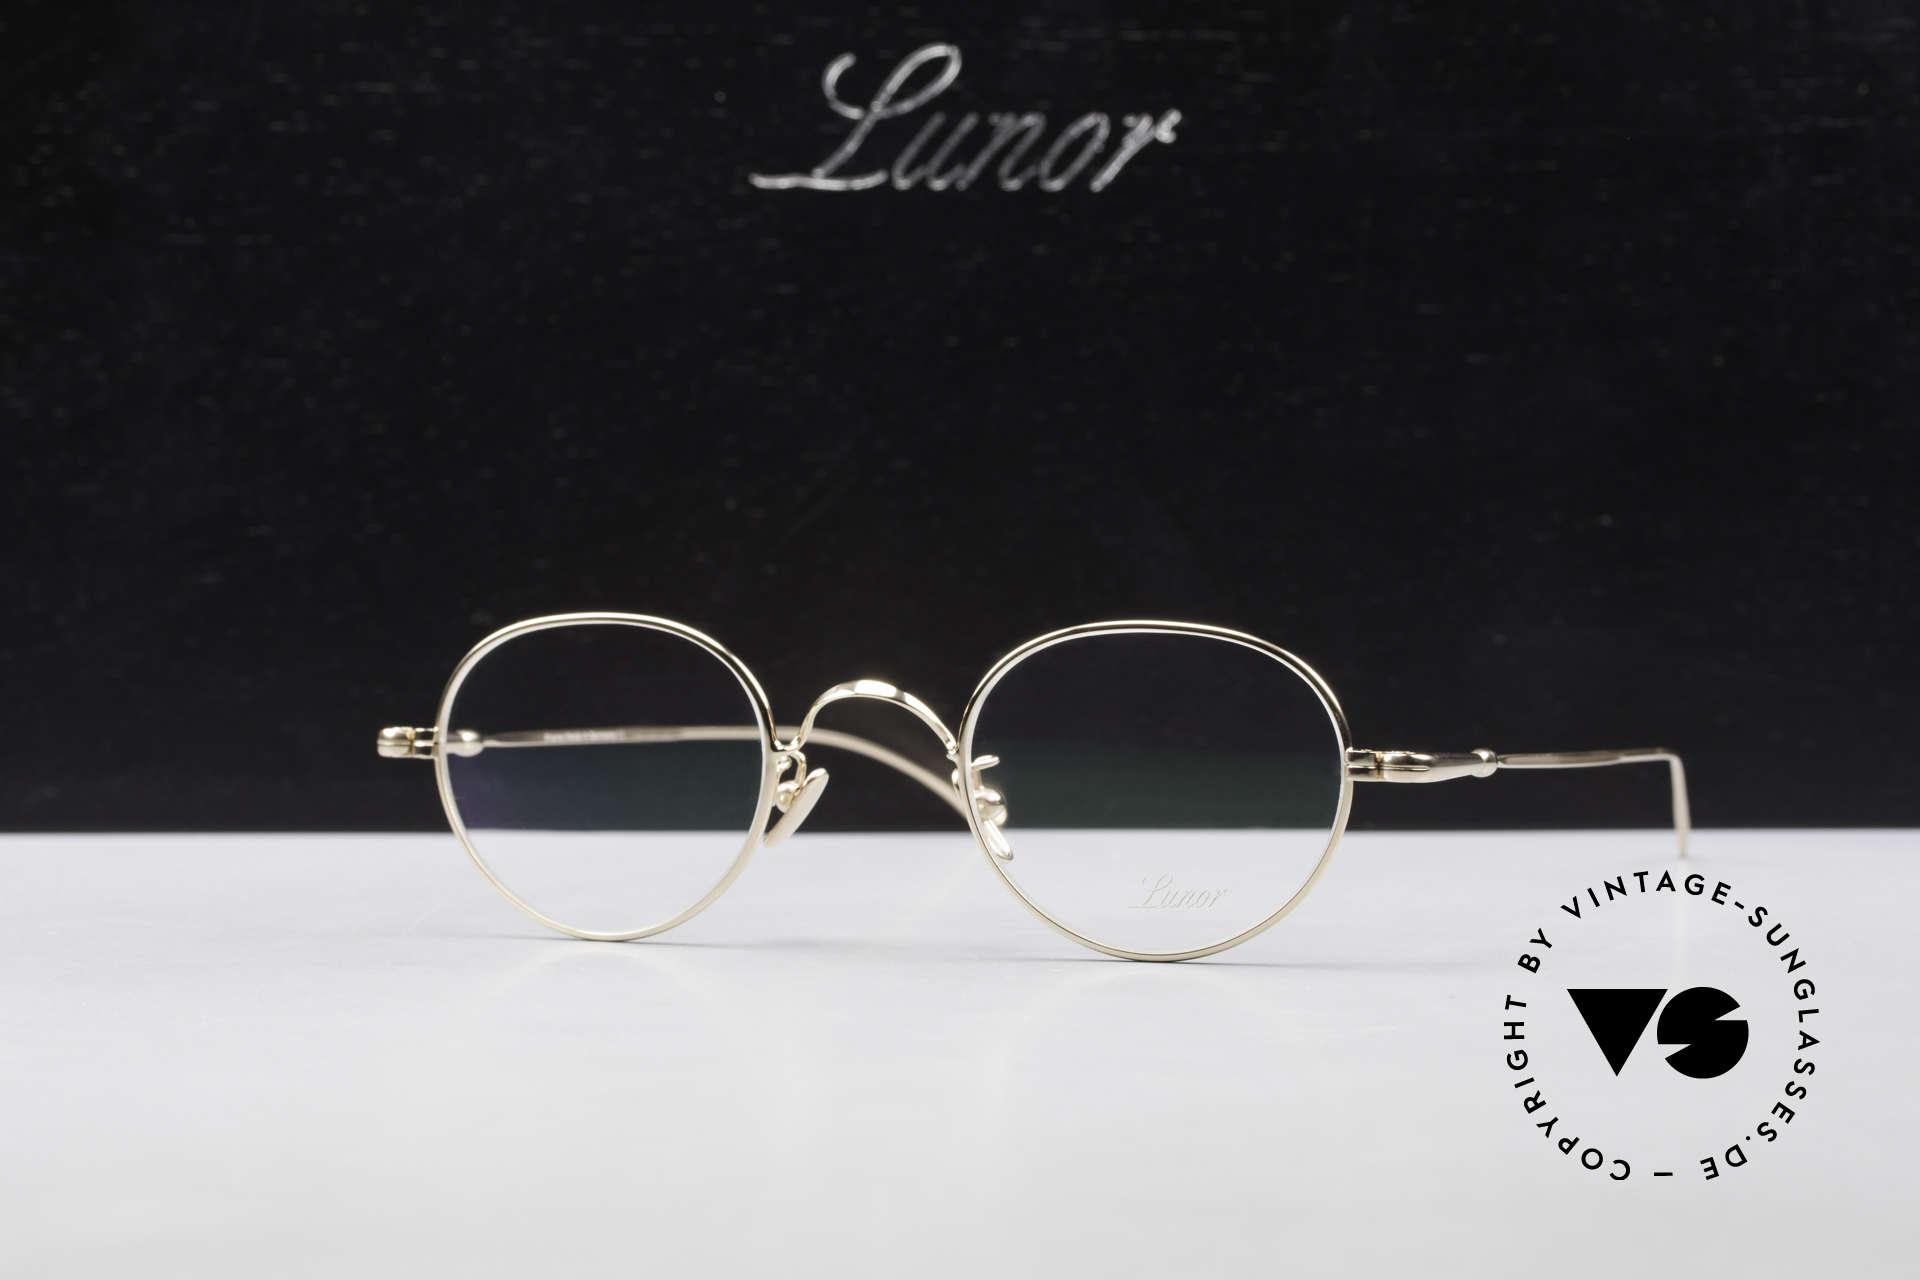 Lunor V 108 Pantobrille Titanium Vergoldet, Größe: medium, Passend für Herren